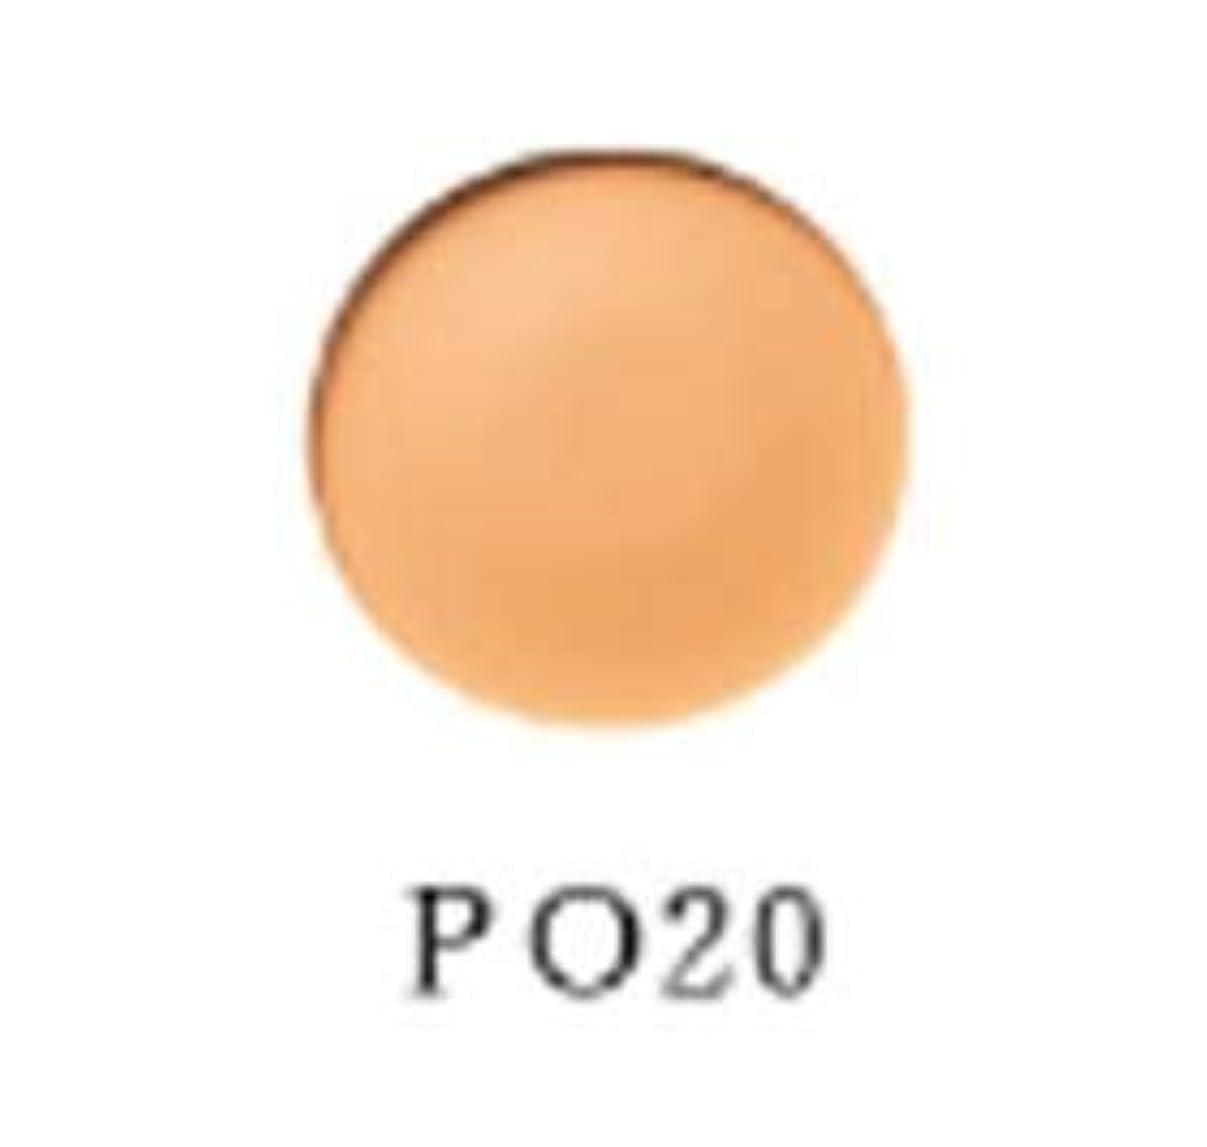 アジテーション叫ぶ盆オリリー スーペリア カバー EX (ファンデーション)リフィル (PO20)